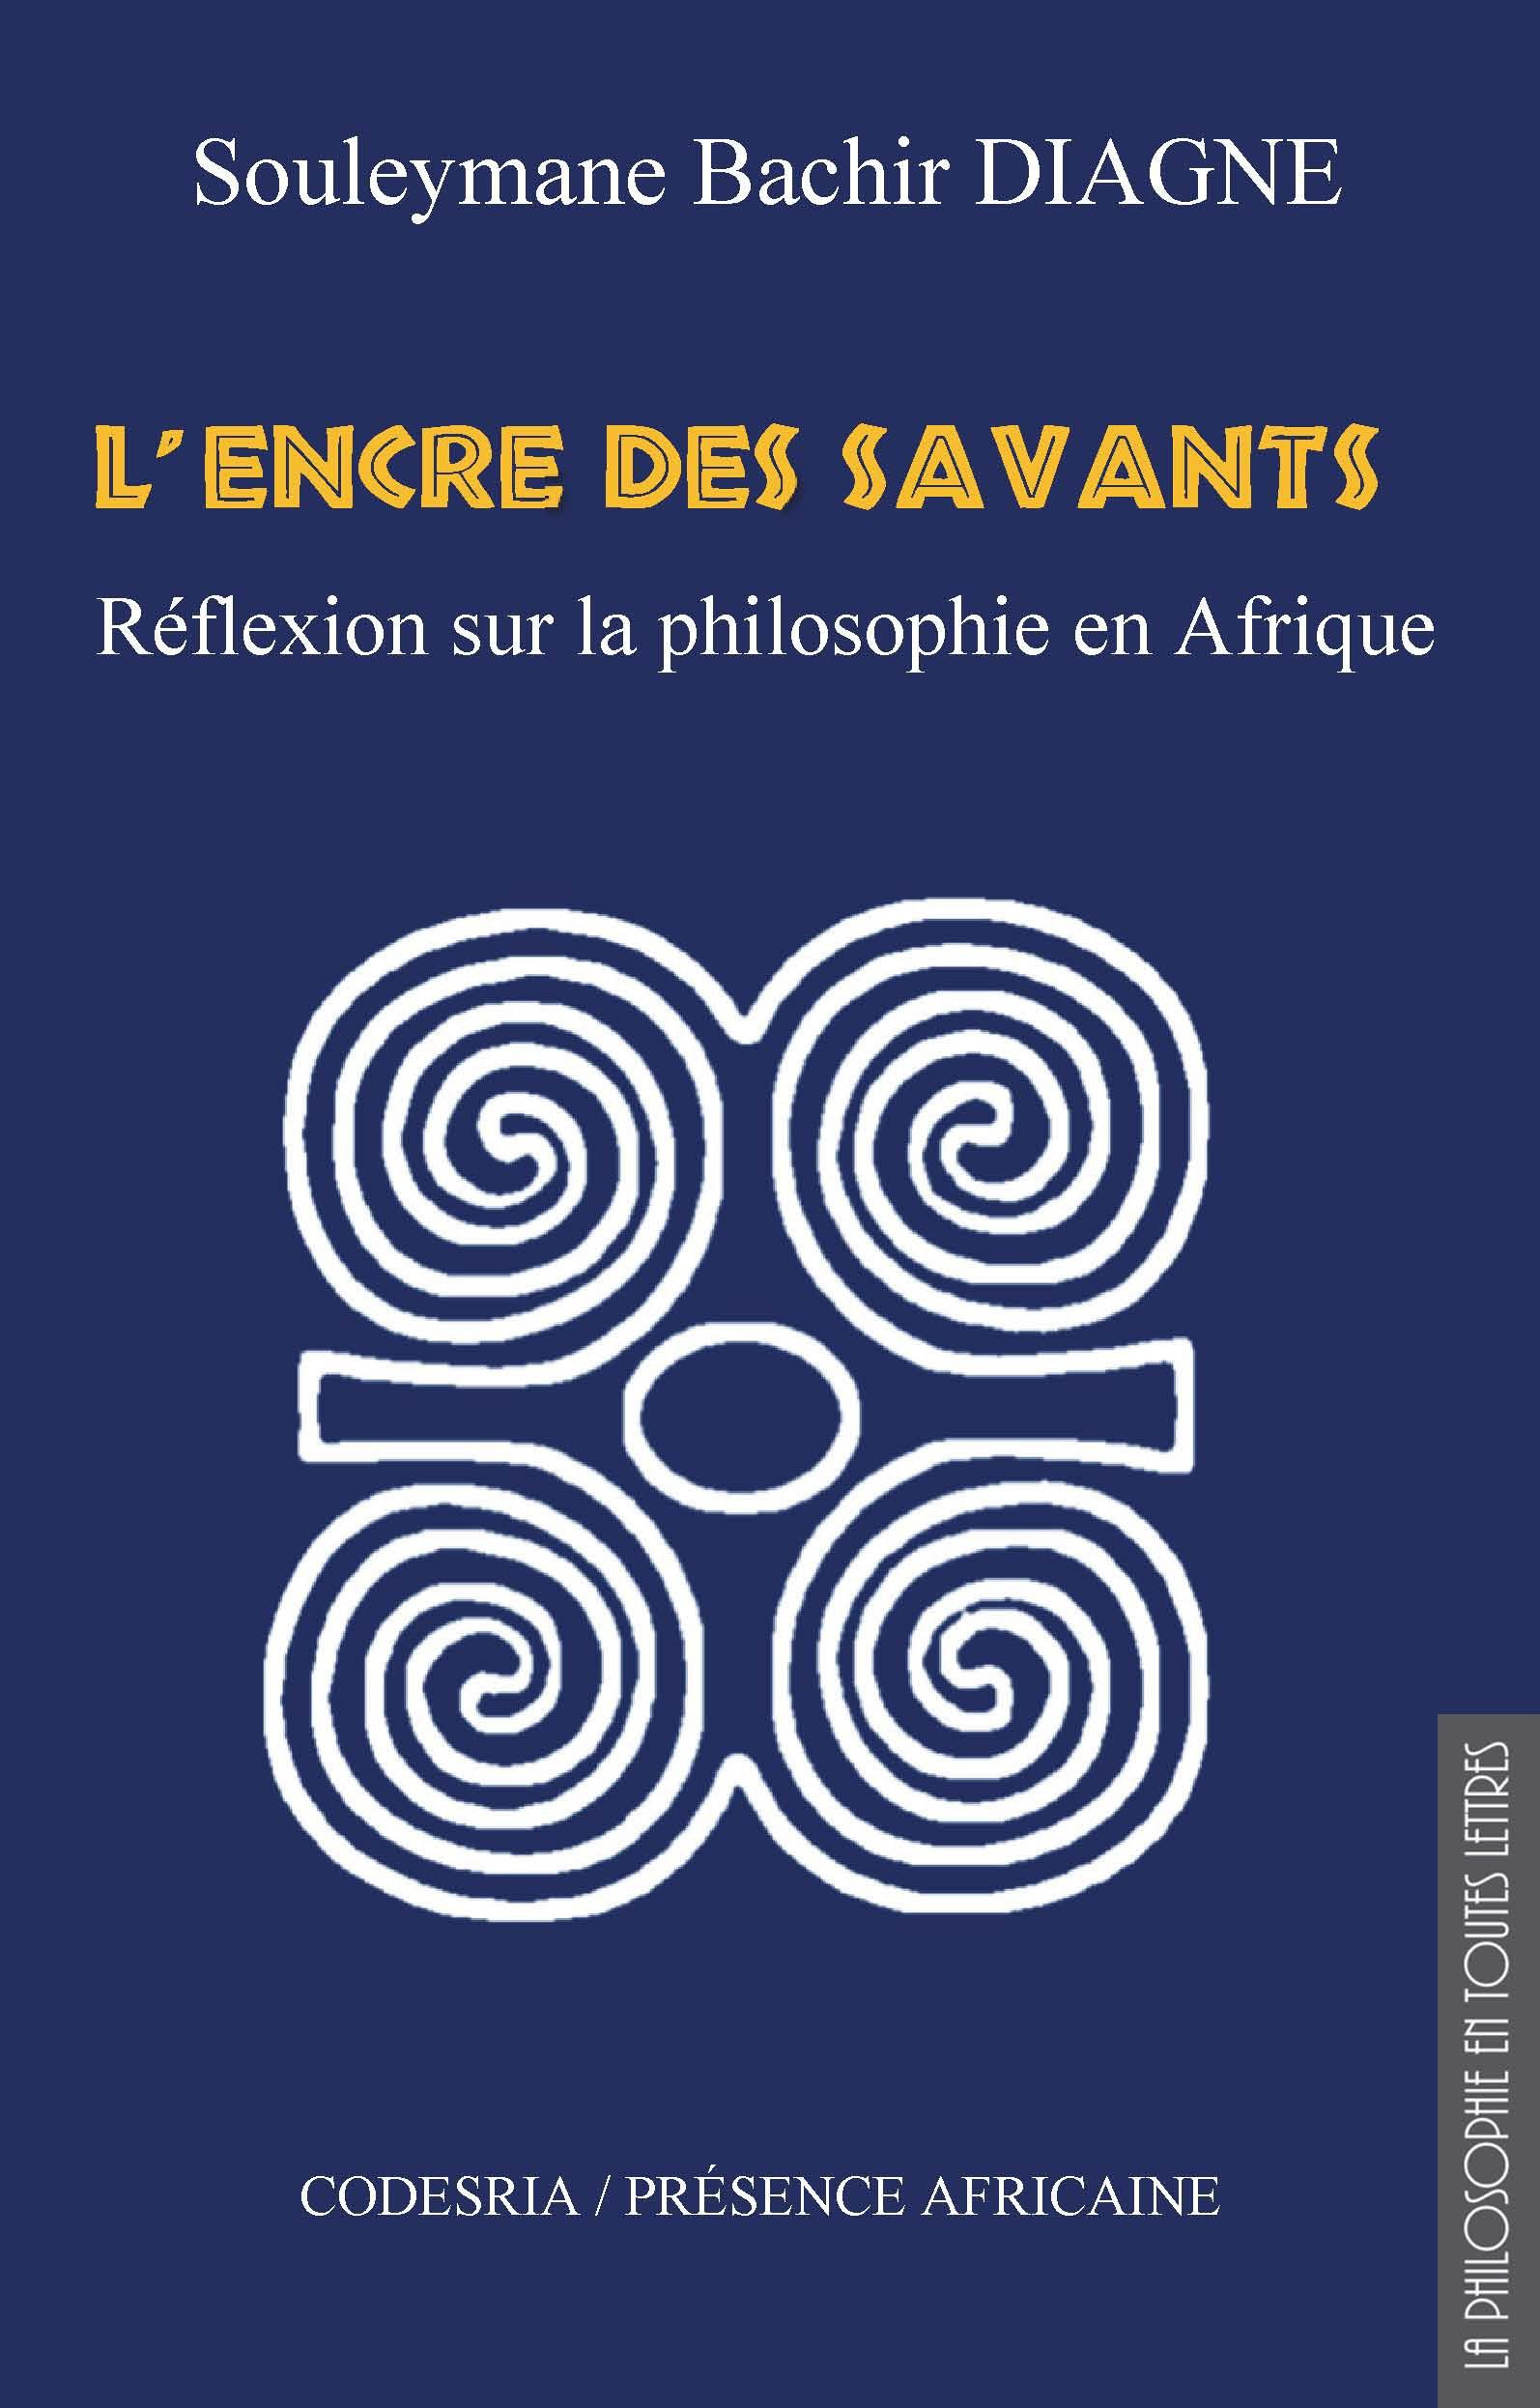 L'encre des savants ; réflexions sur la philosophie en Afrique